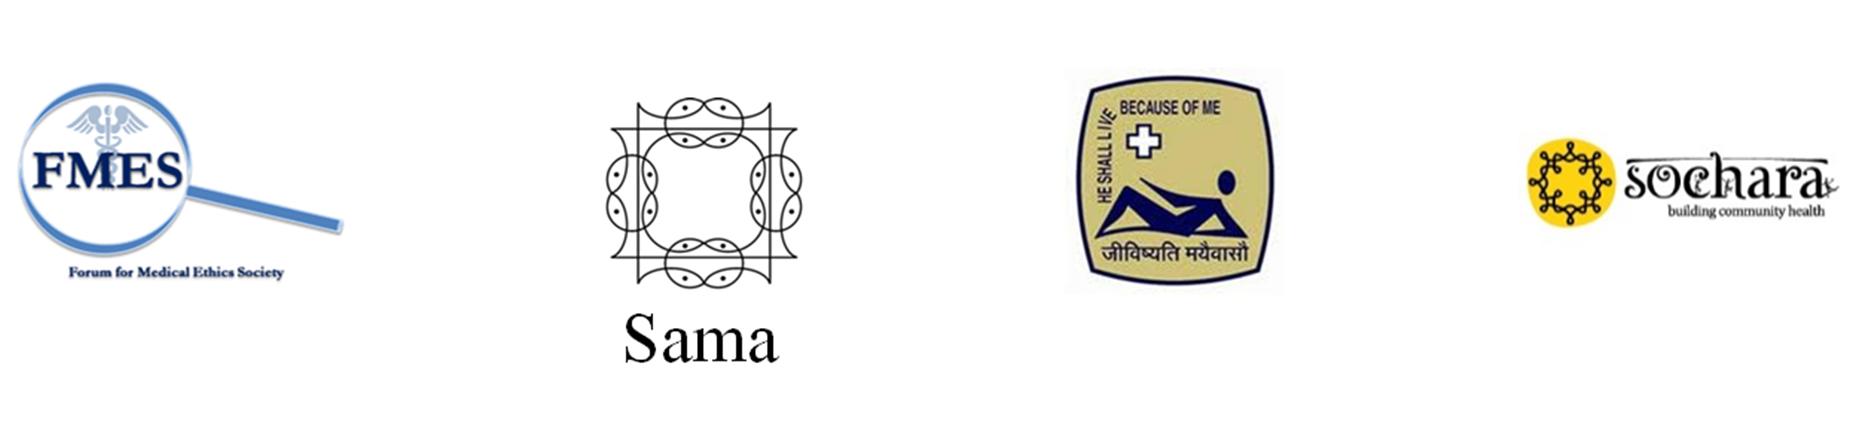 fmes-sama-sochara-logo